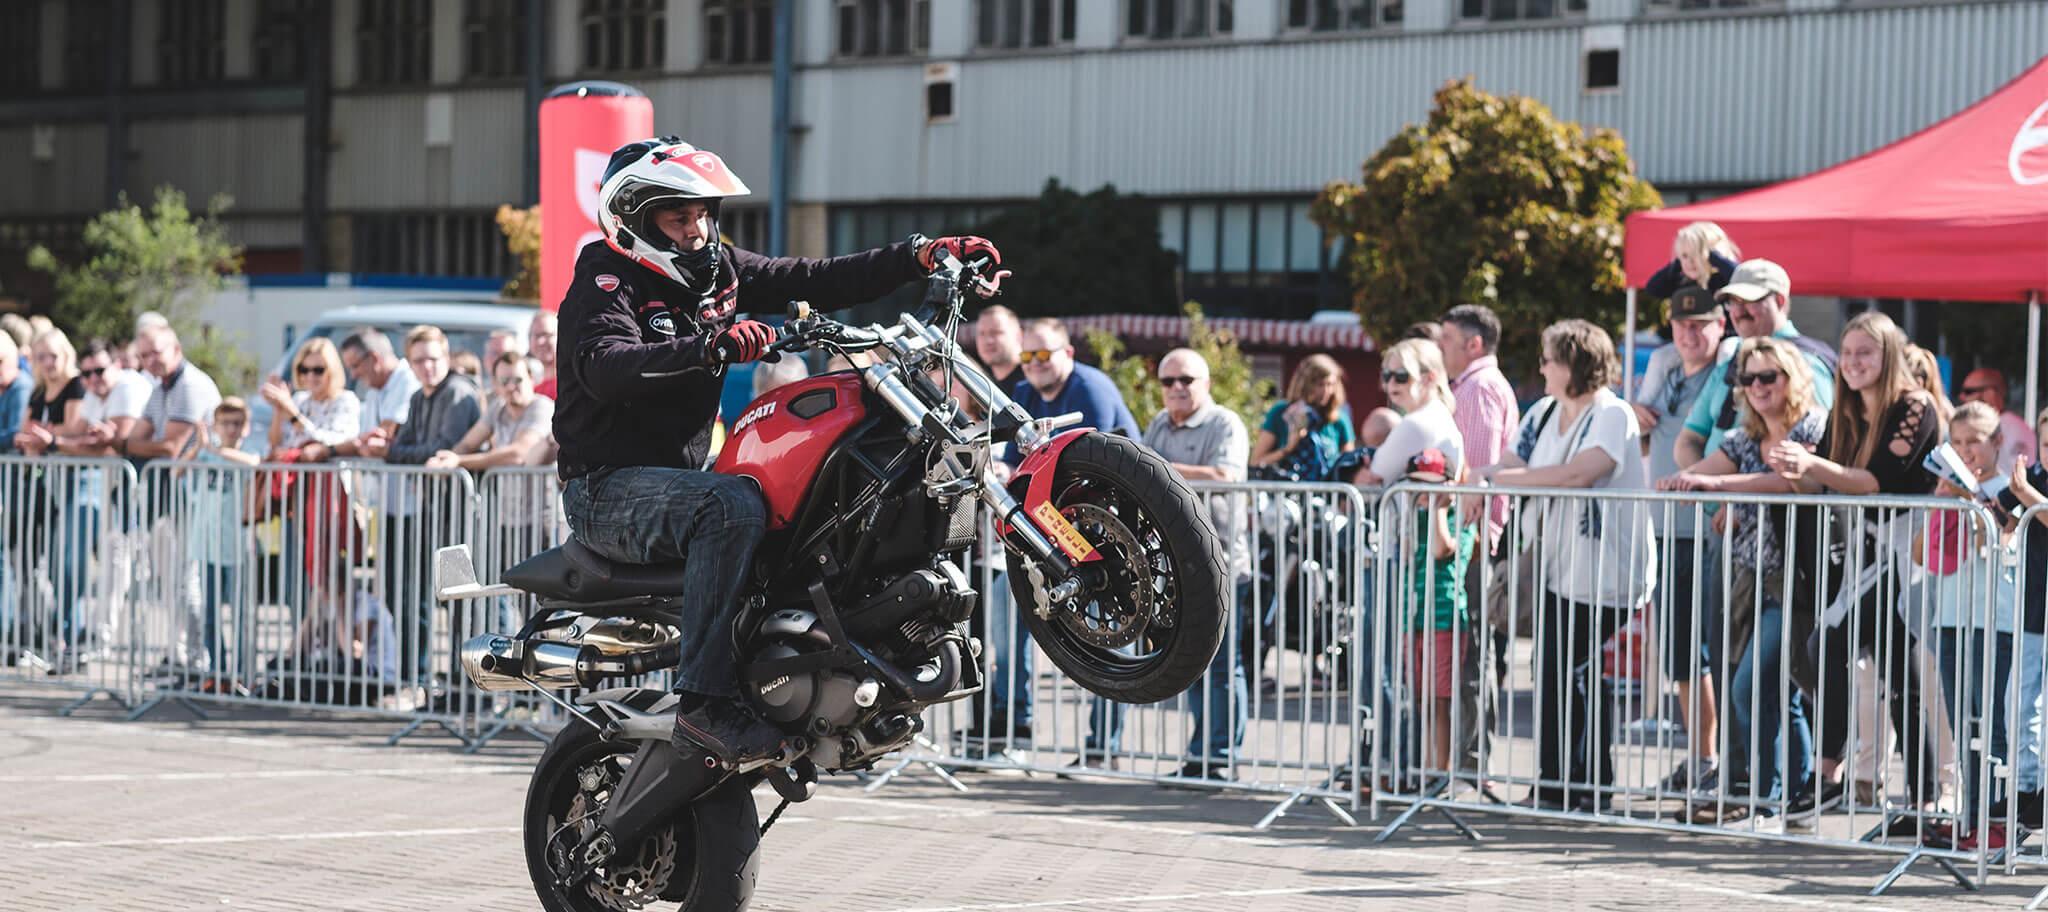 Motorradshow beim Jubiläum